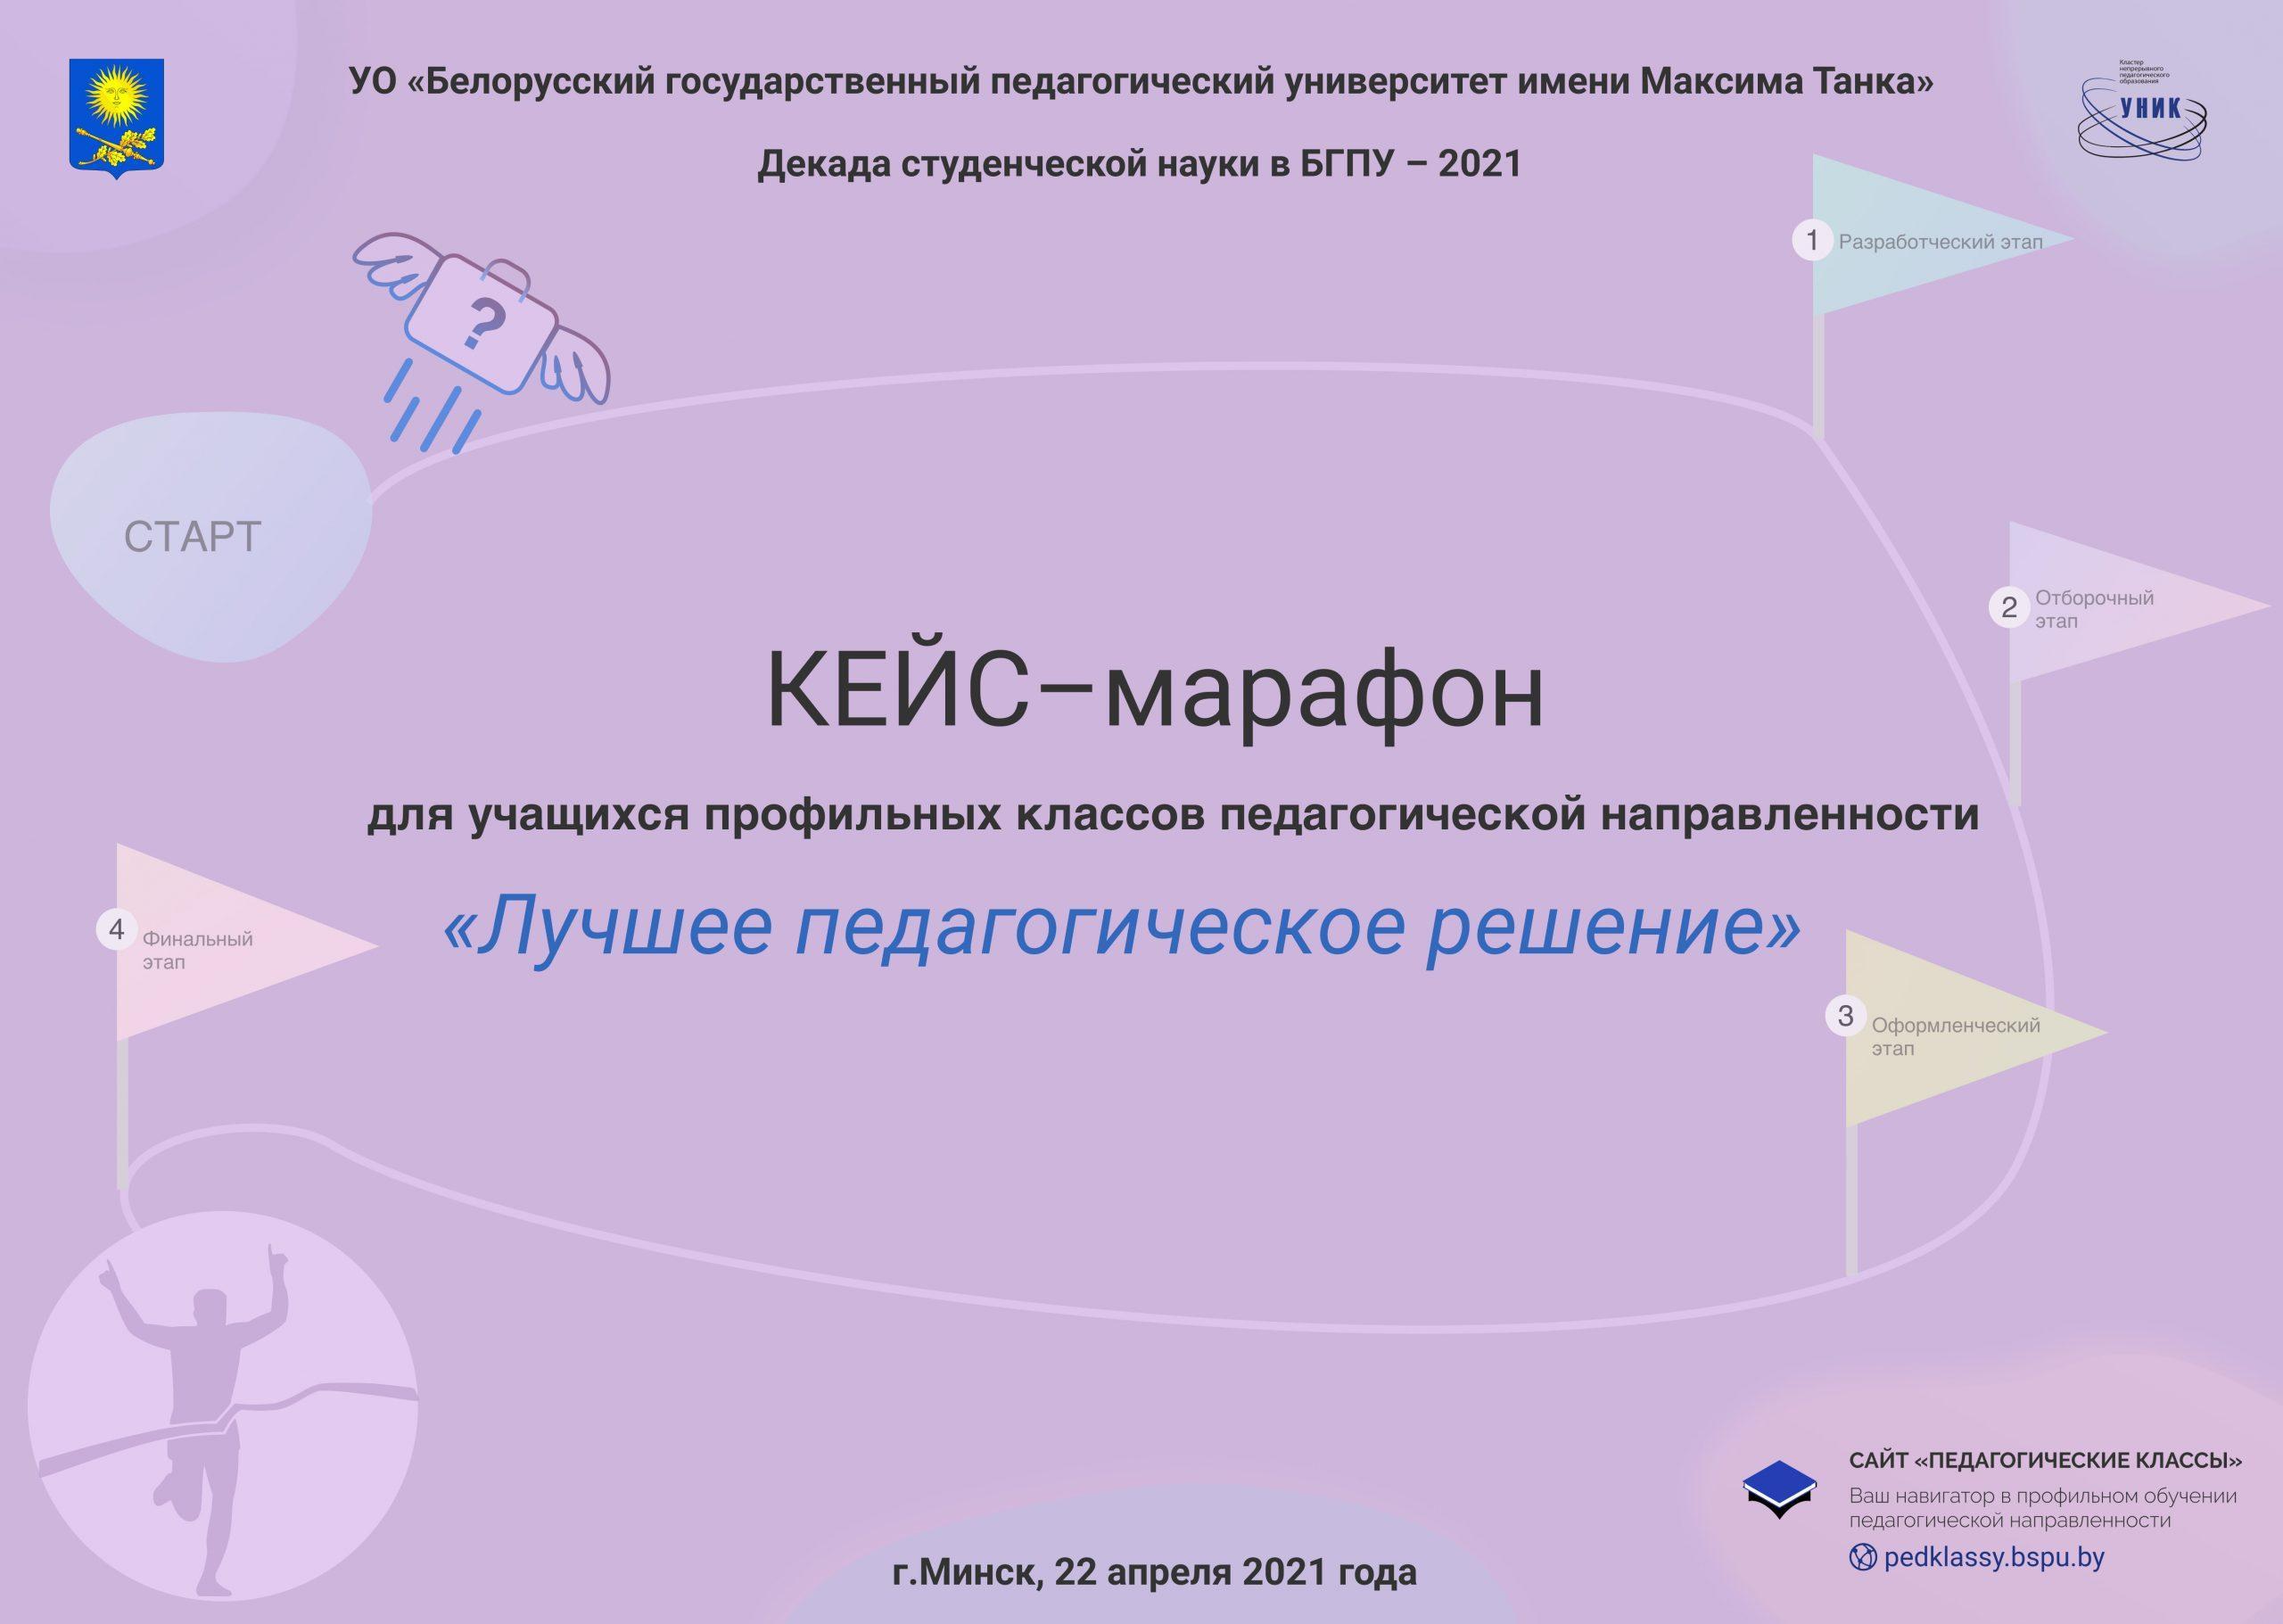 ЦРПО выступил организатором Кейс-марафона «Лучшее педагогическое решение» в рамках Декады студенческой науки в БГПУ